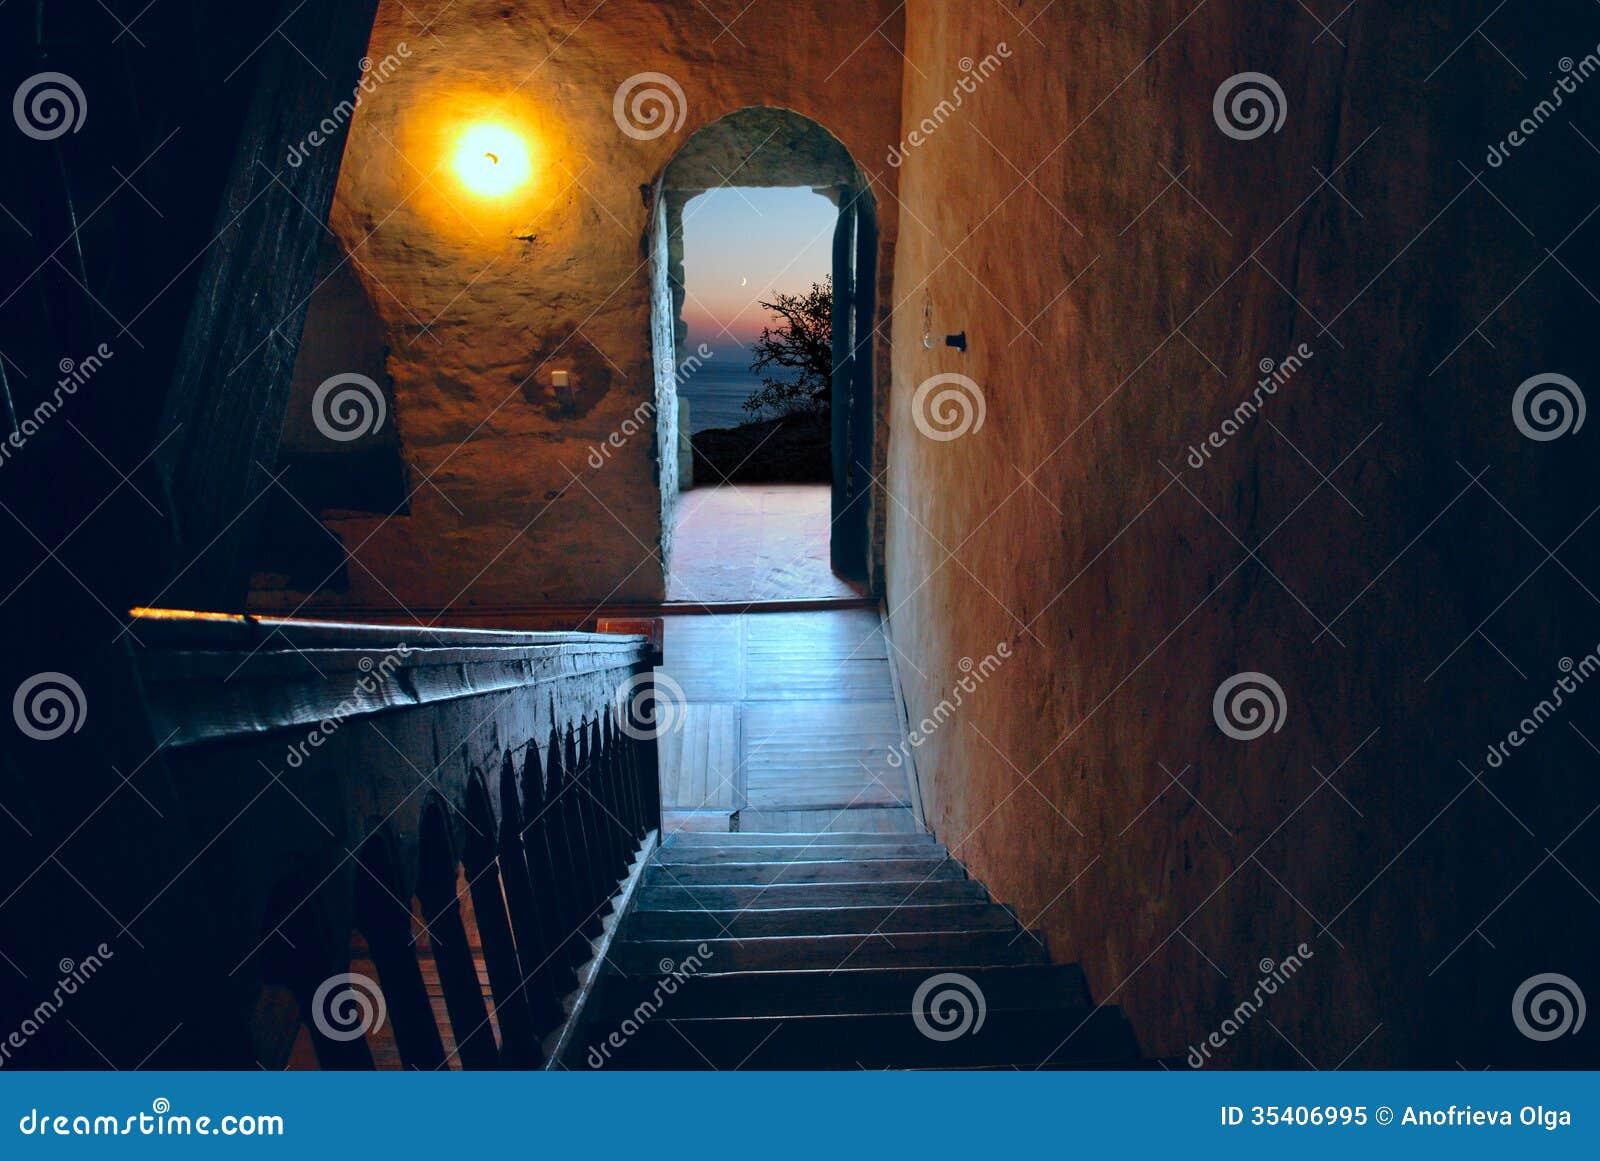 Dörr som öppnas på natten